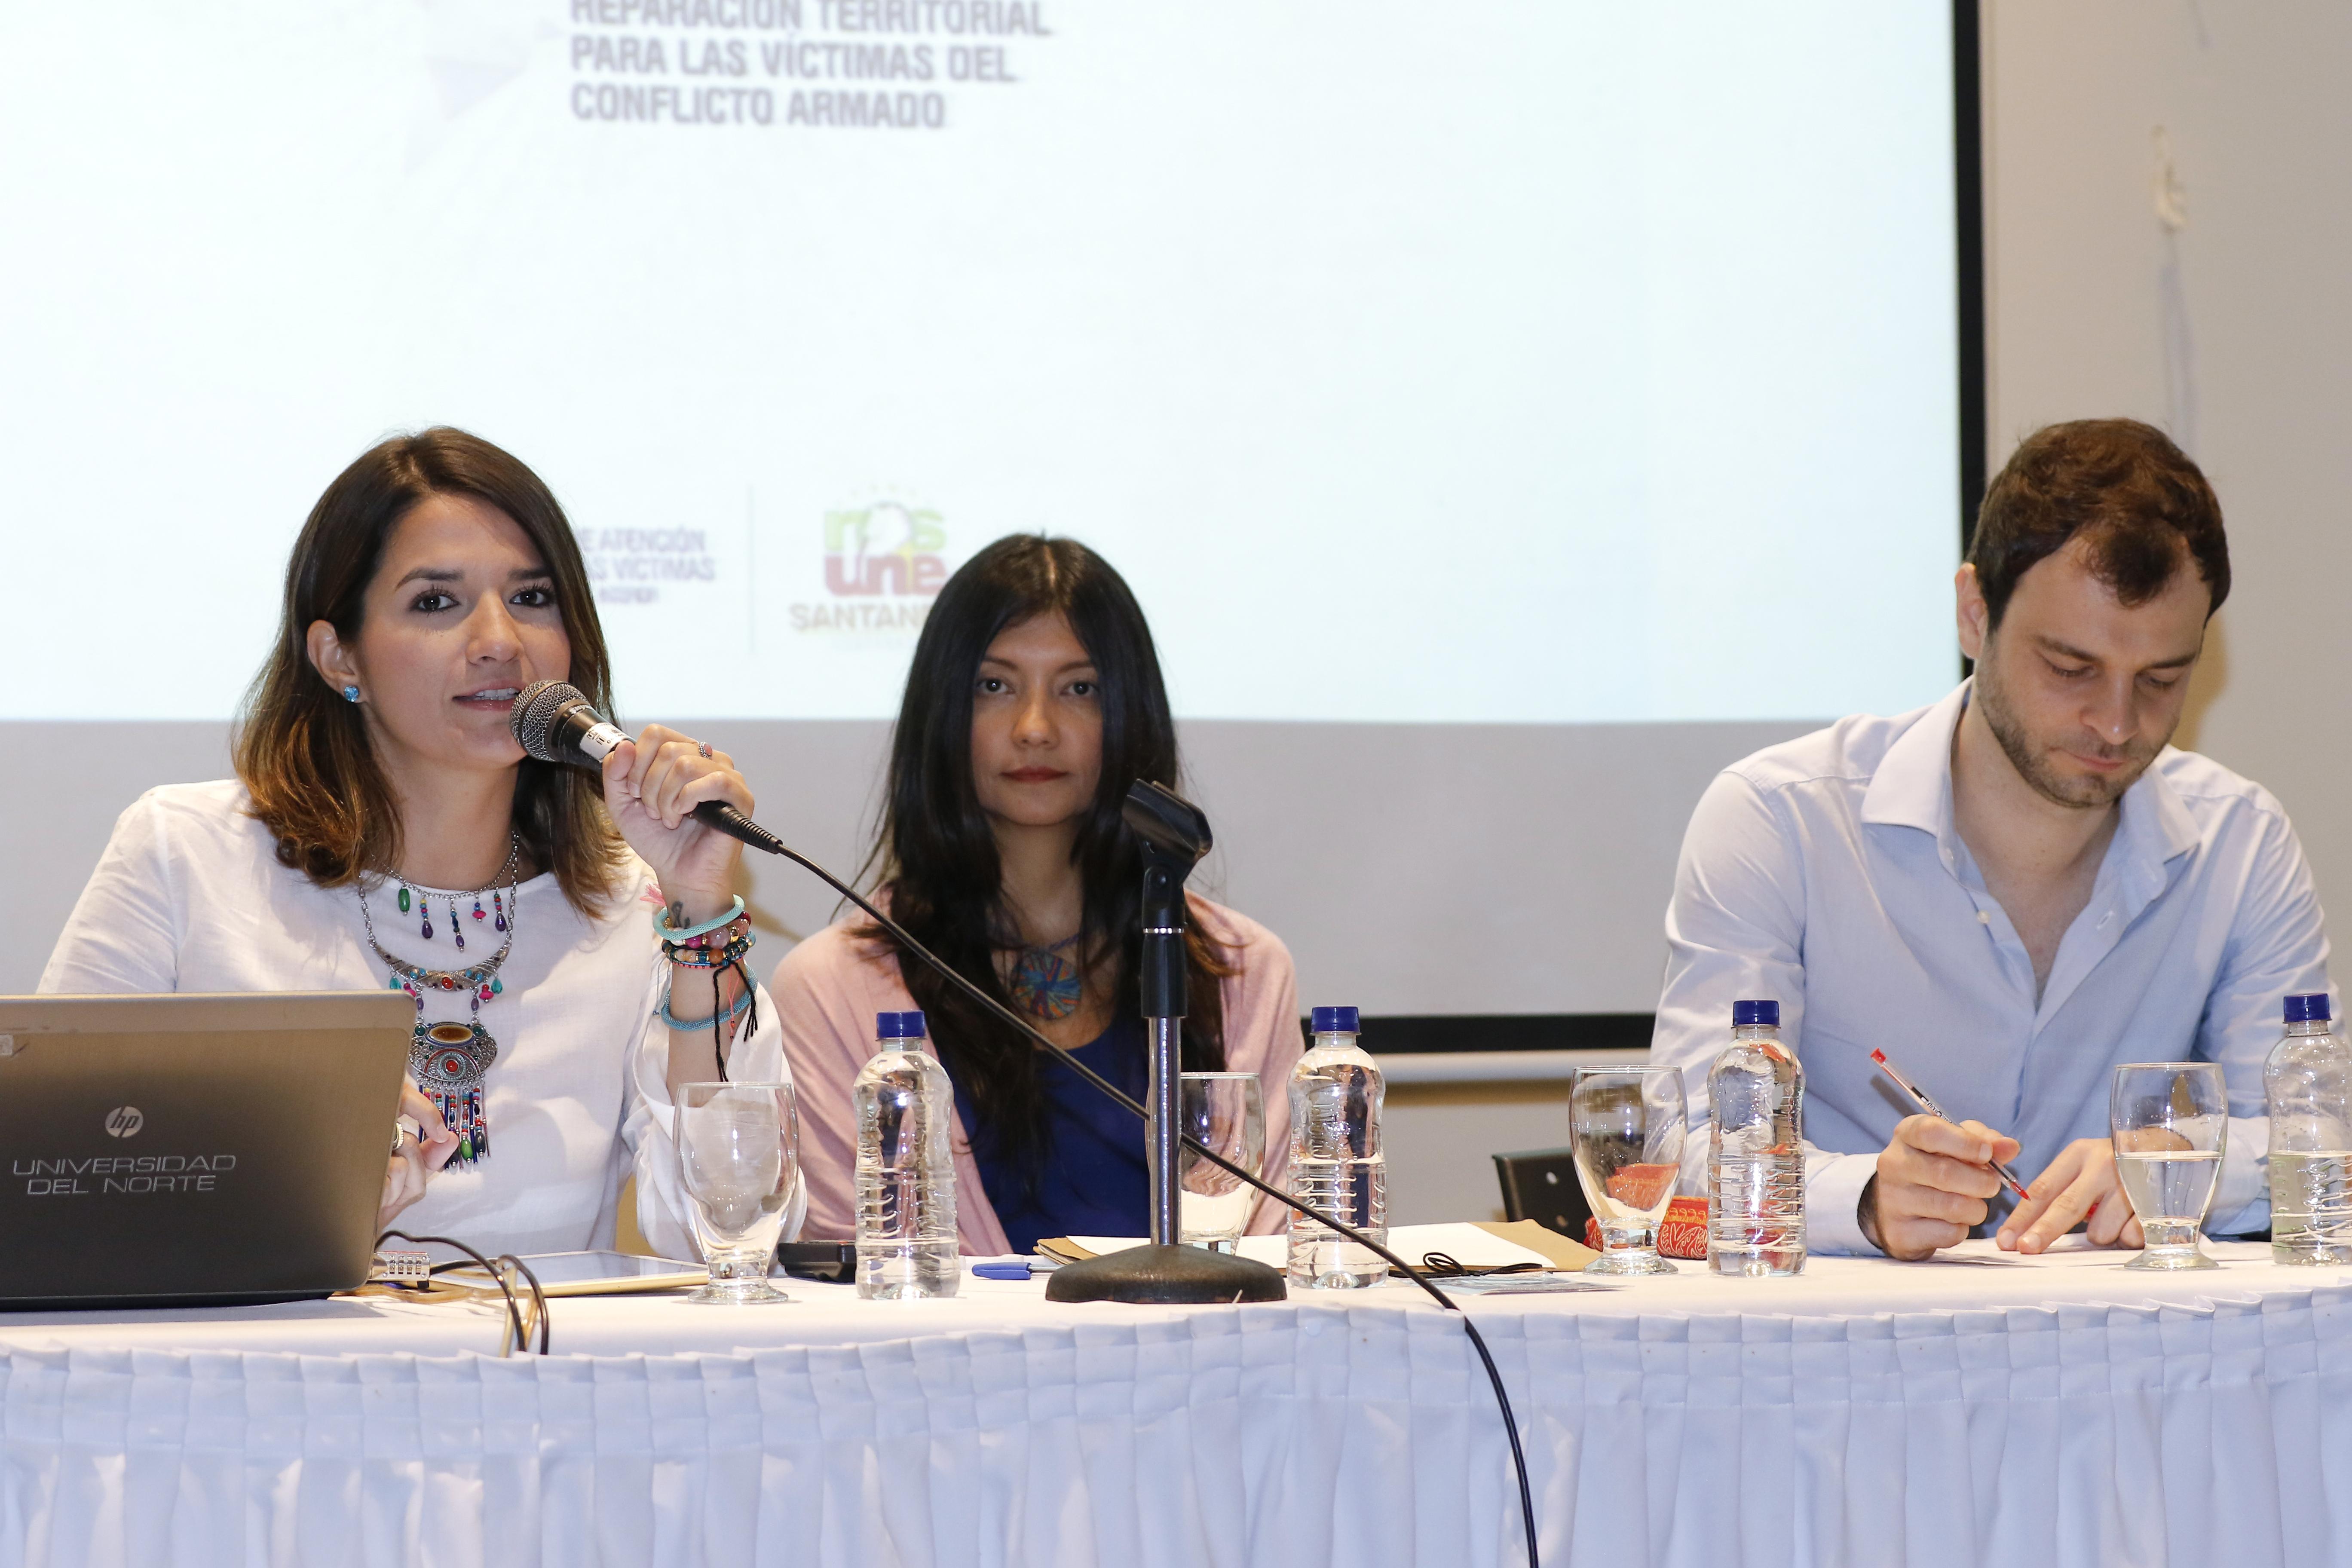 Ibáñez ofreció una conferencia sobre el papel de las instituciones regionales en el posconflicto.